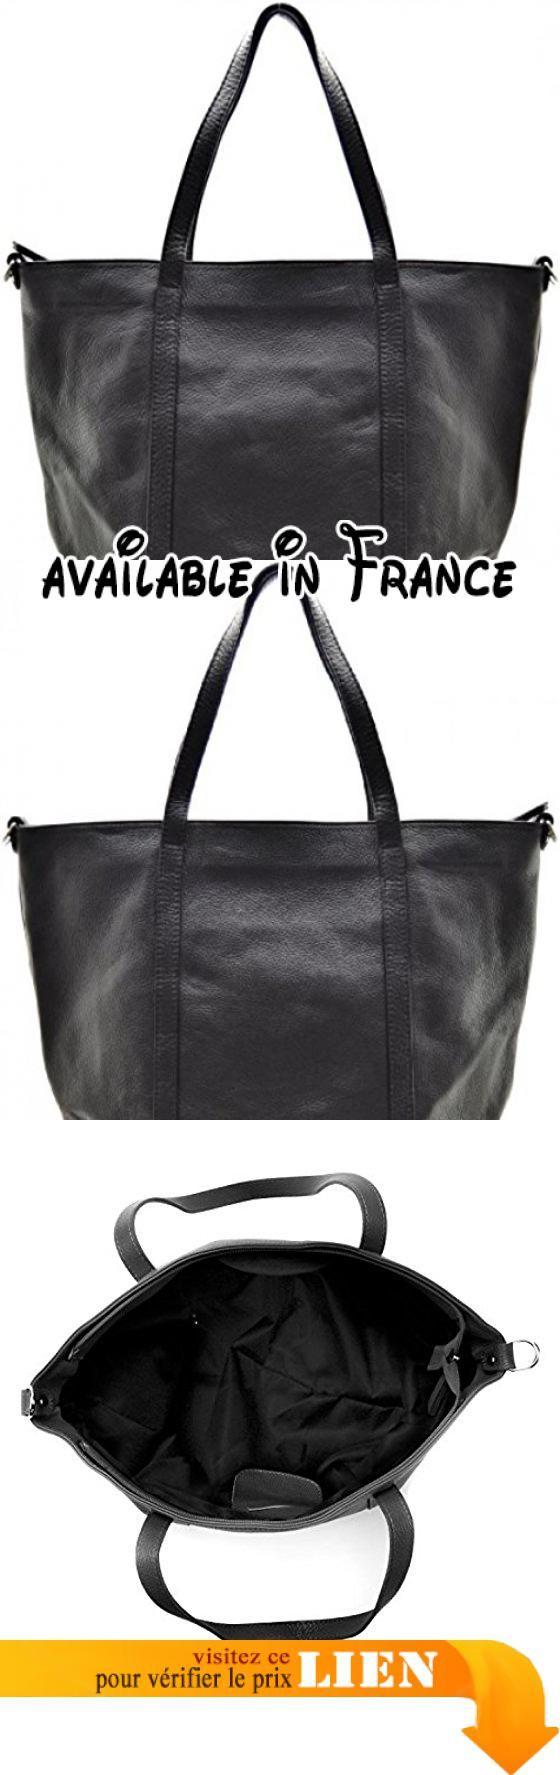 c11dc44e80 B076GR5391 : CUIR DESTOCK sac à main porté main et épaule cuir grainé  modèle angie noir